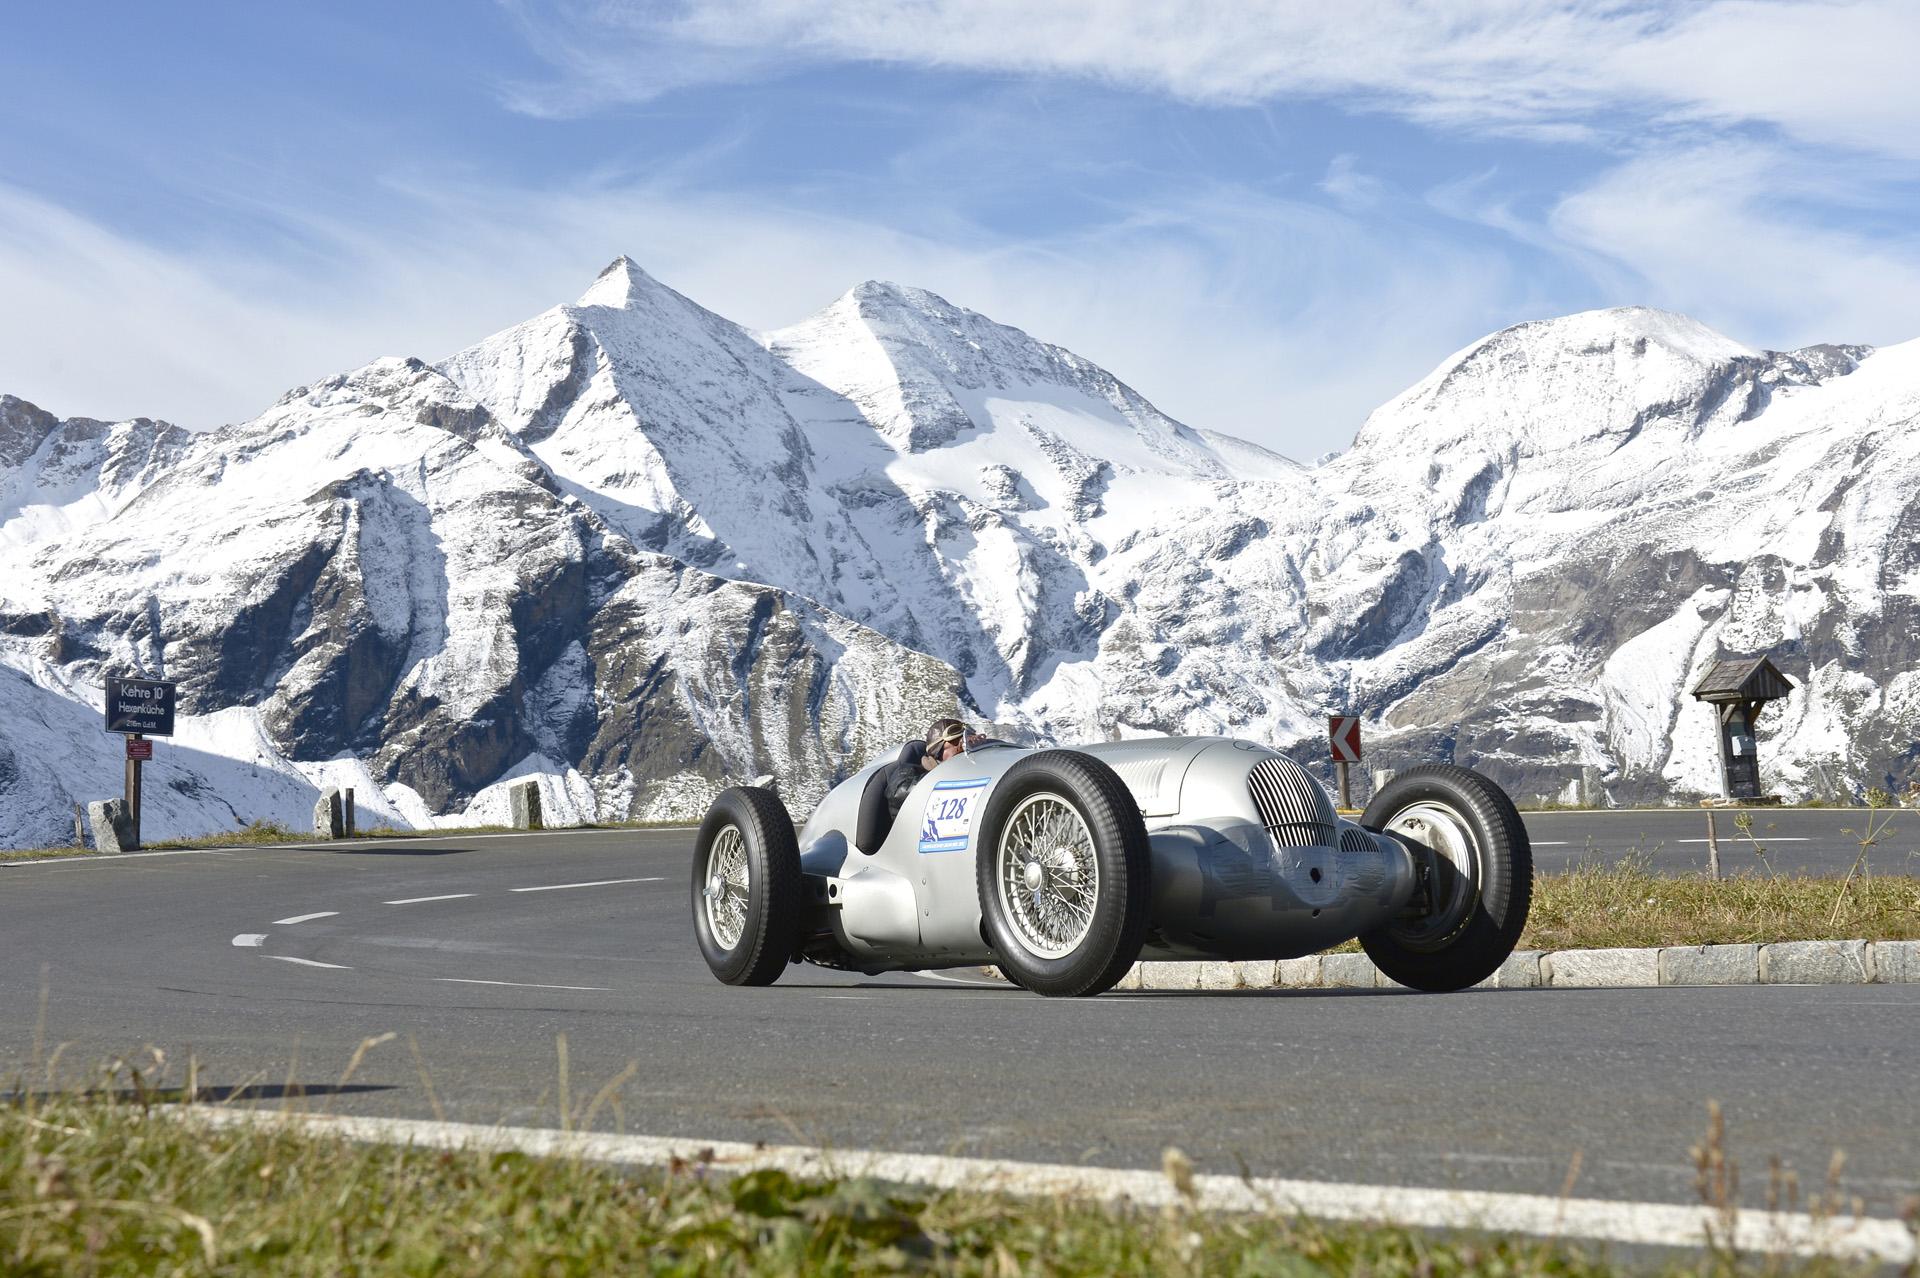 Mercedes-Benz W 125 am Großglockner. Am Steuer: Jochen Mass. Aufnahme aus dem Jahr 2012.